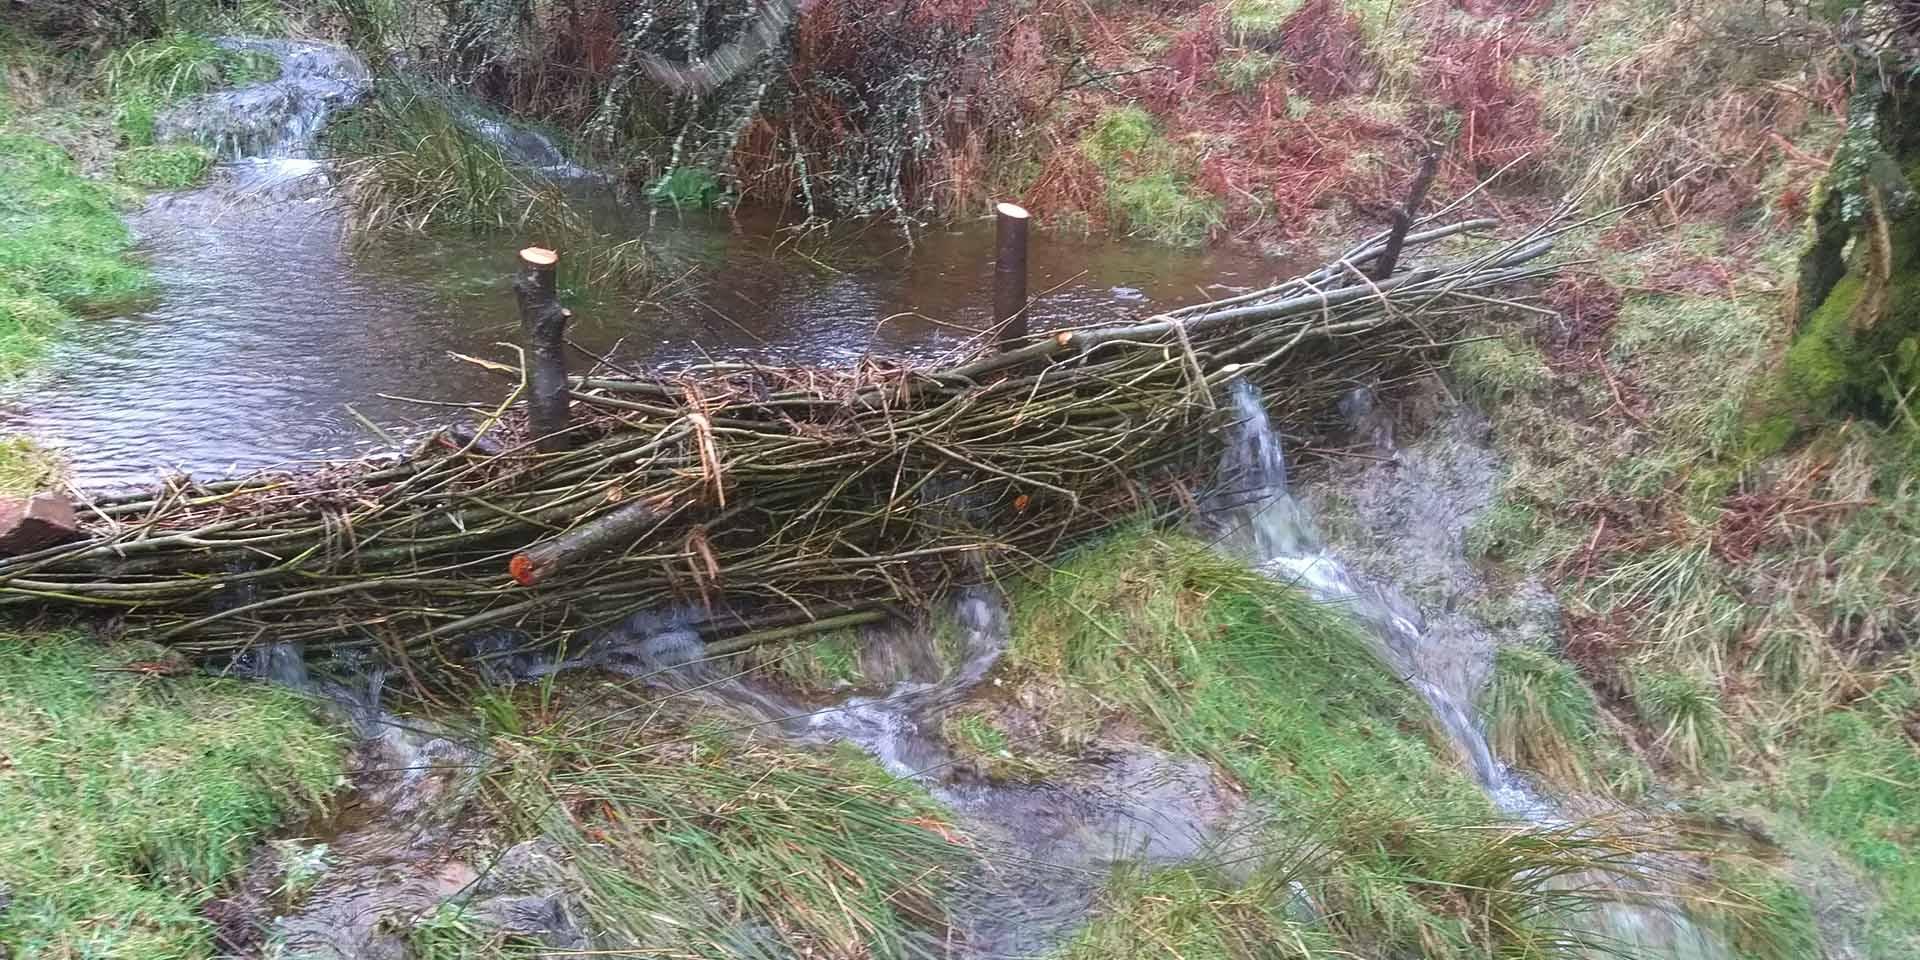 Willow faggot dam holding back runoff water